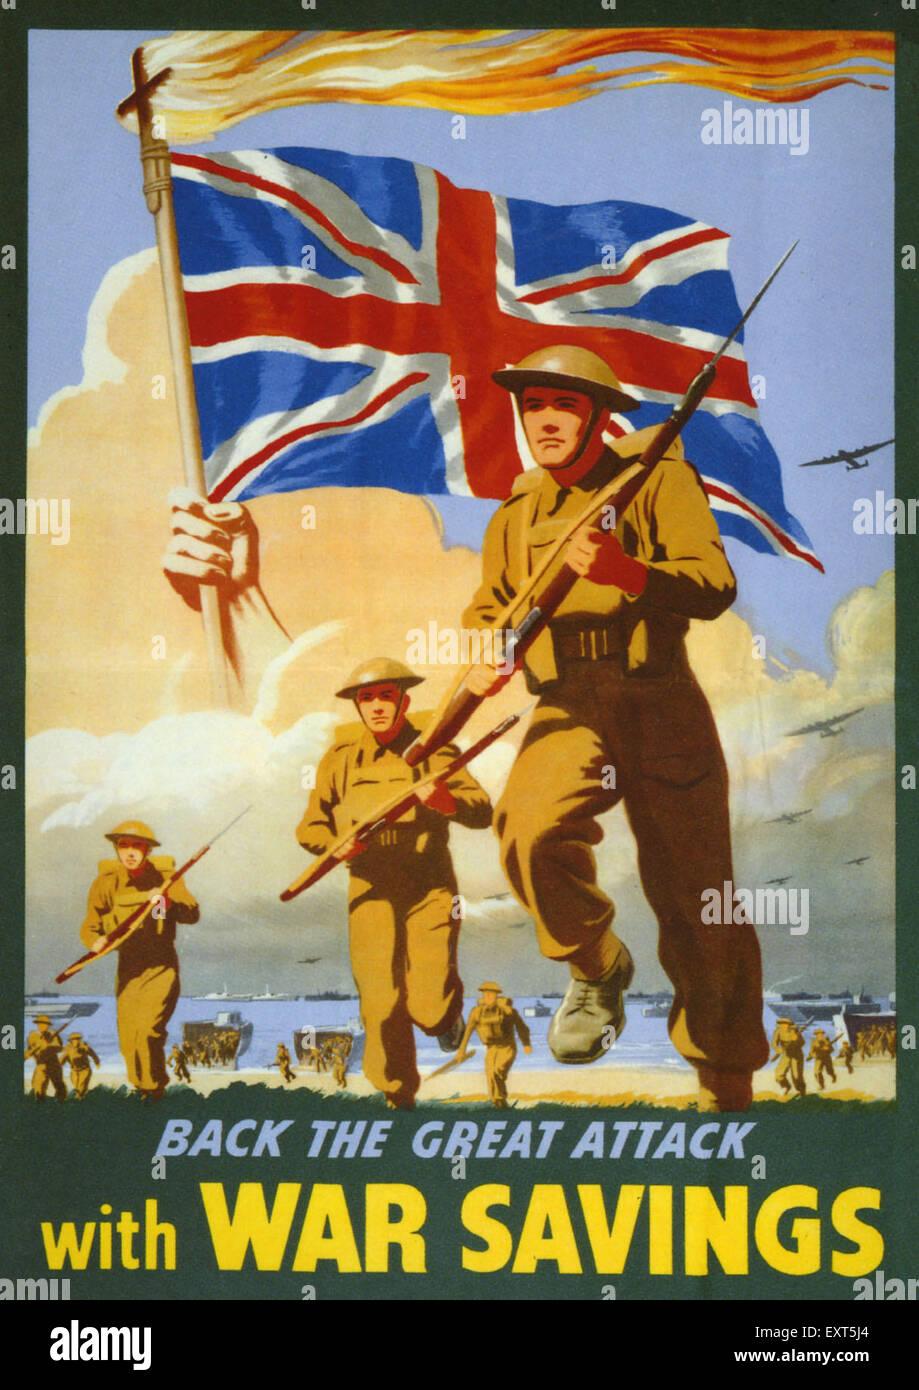 1940s UK War Savings Poster - Stock Image